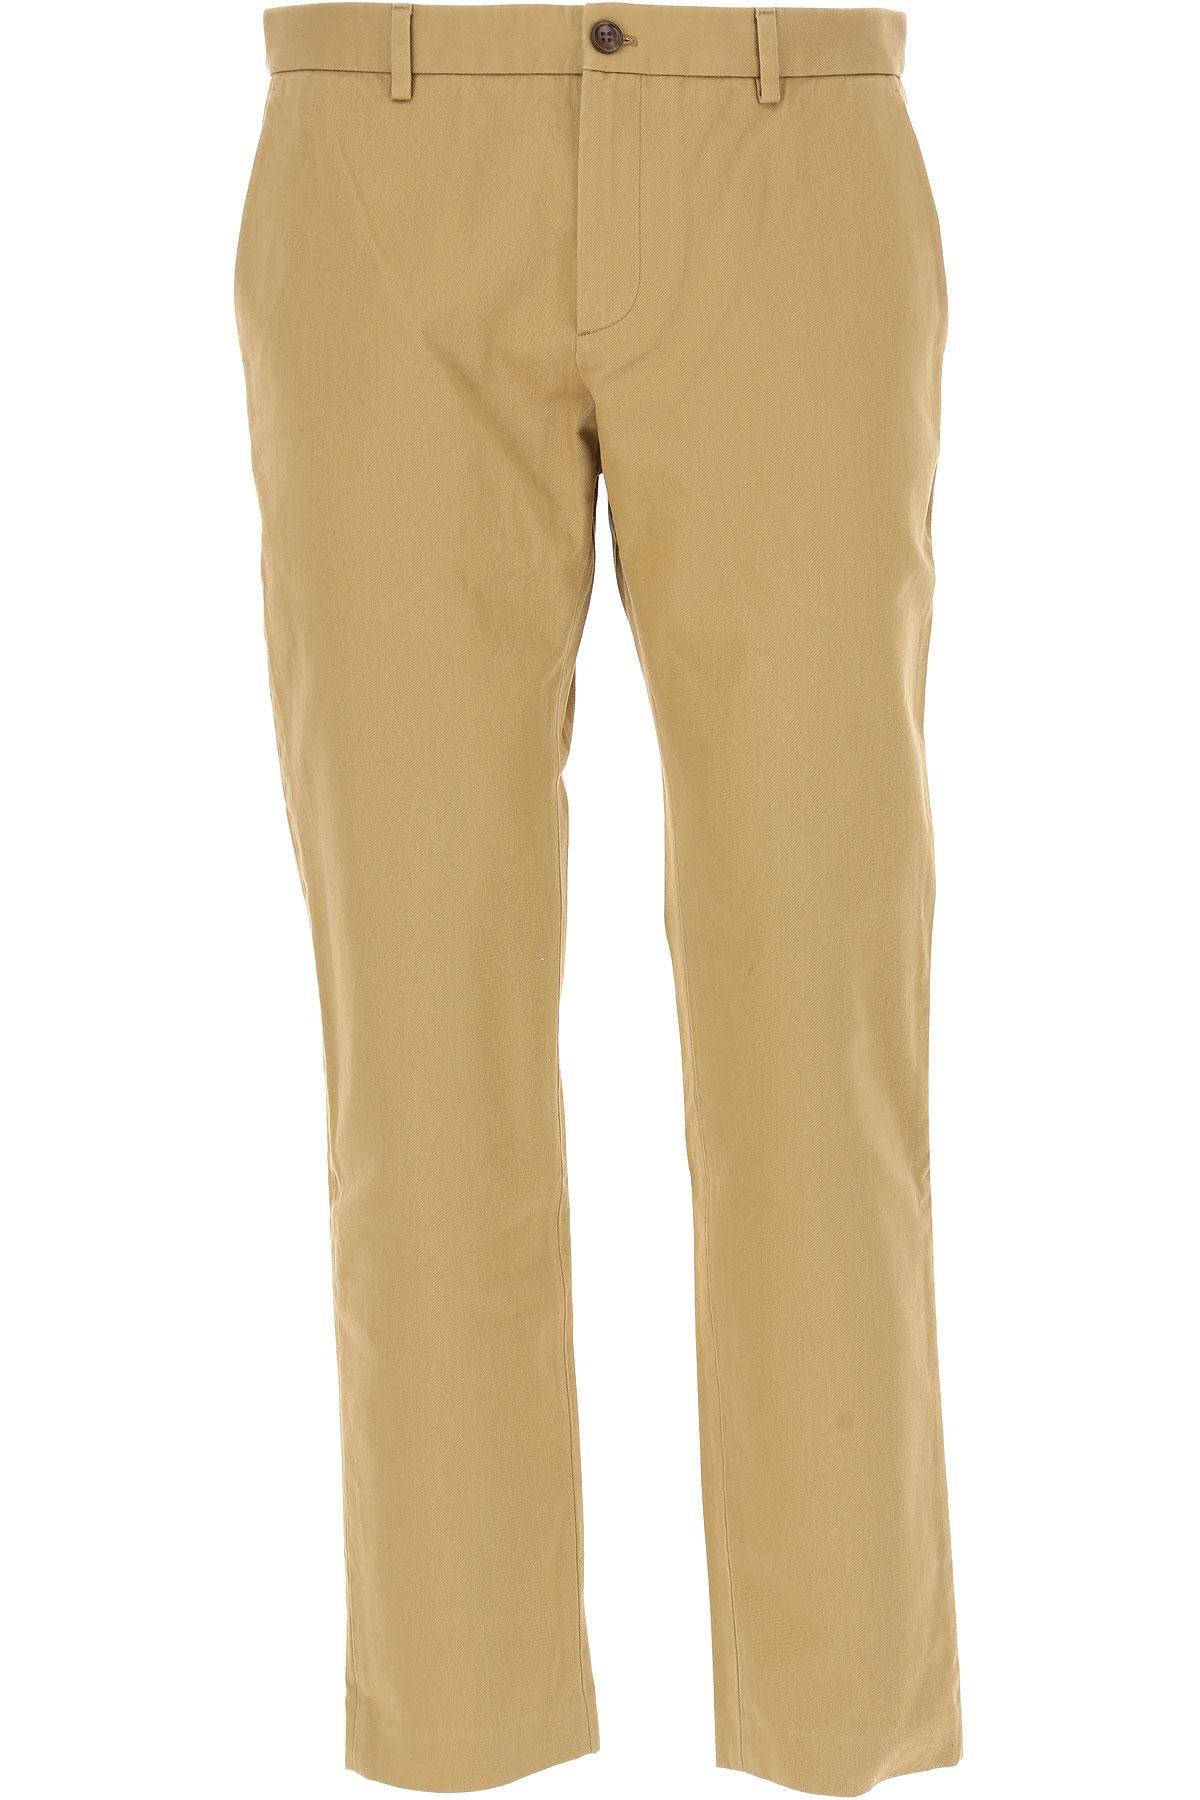 グッチ パンツ 男性用 メンズ セール, ベージュ, コットン, 2017, 76 81